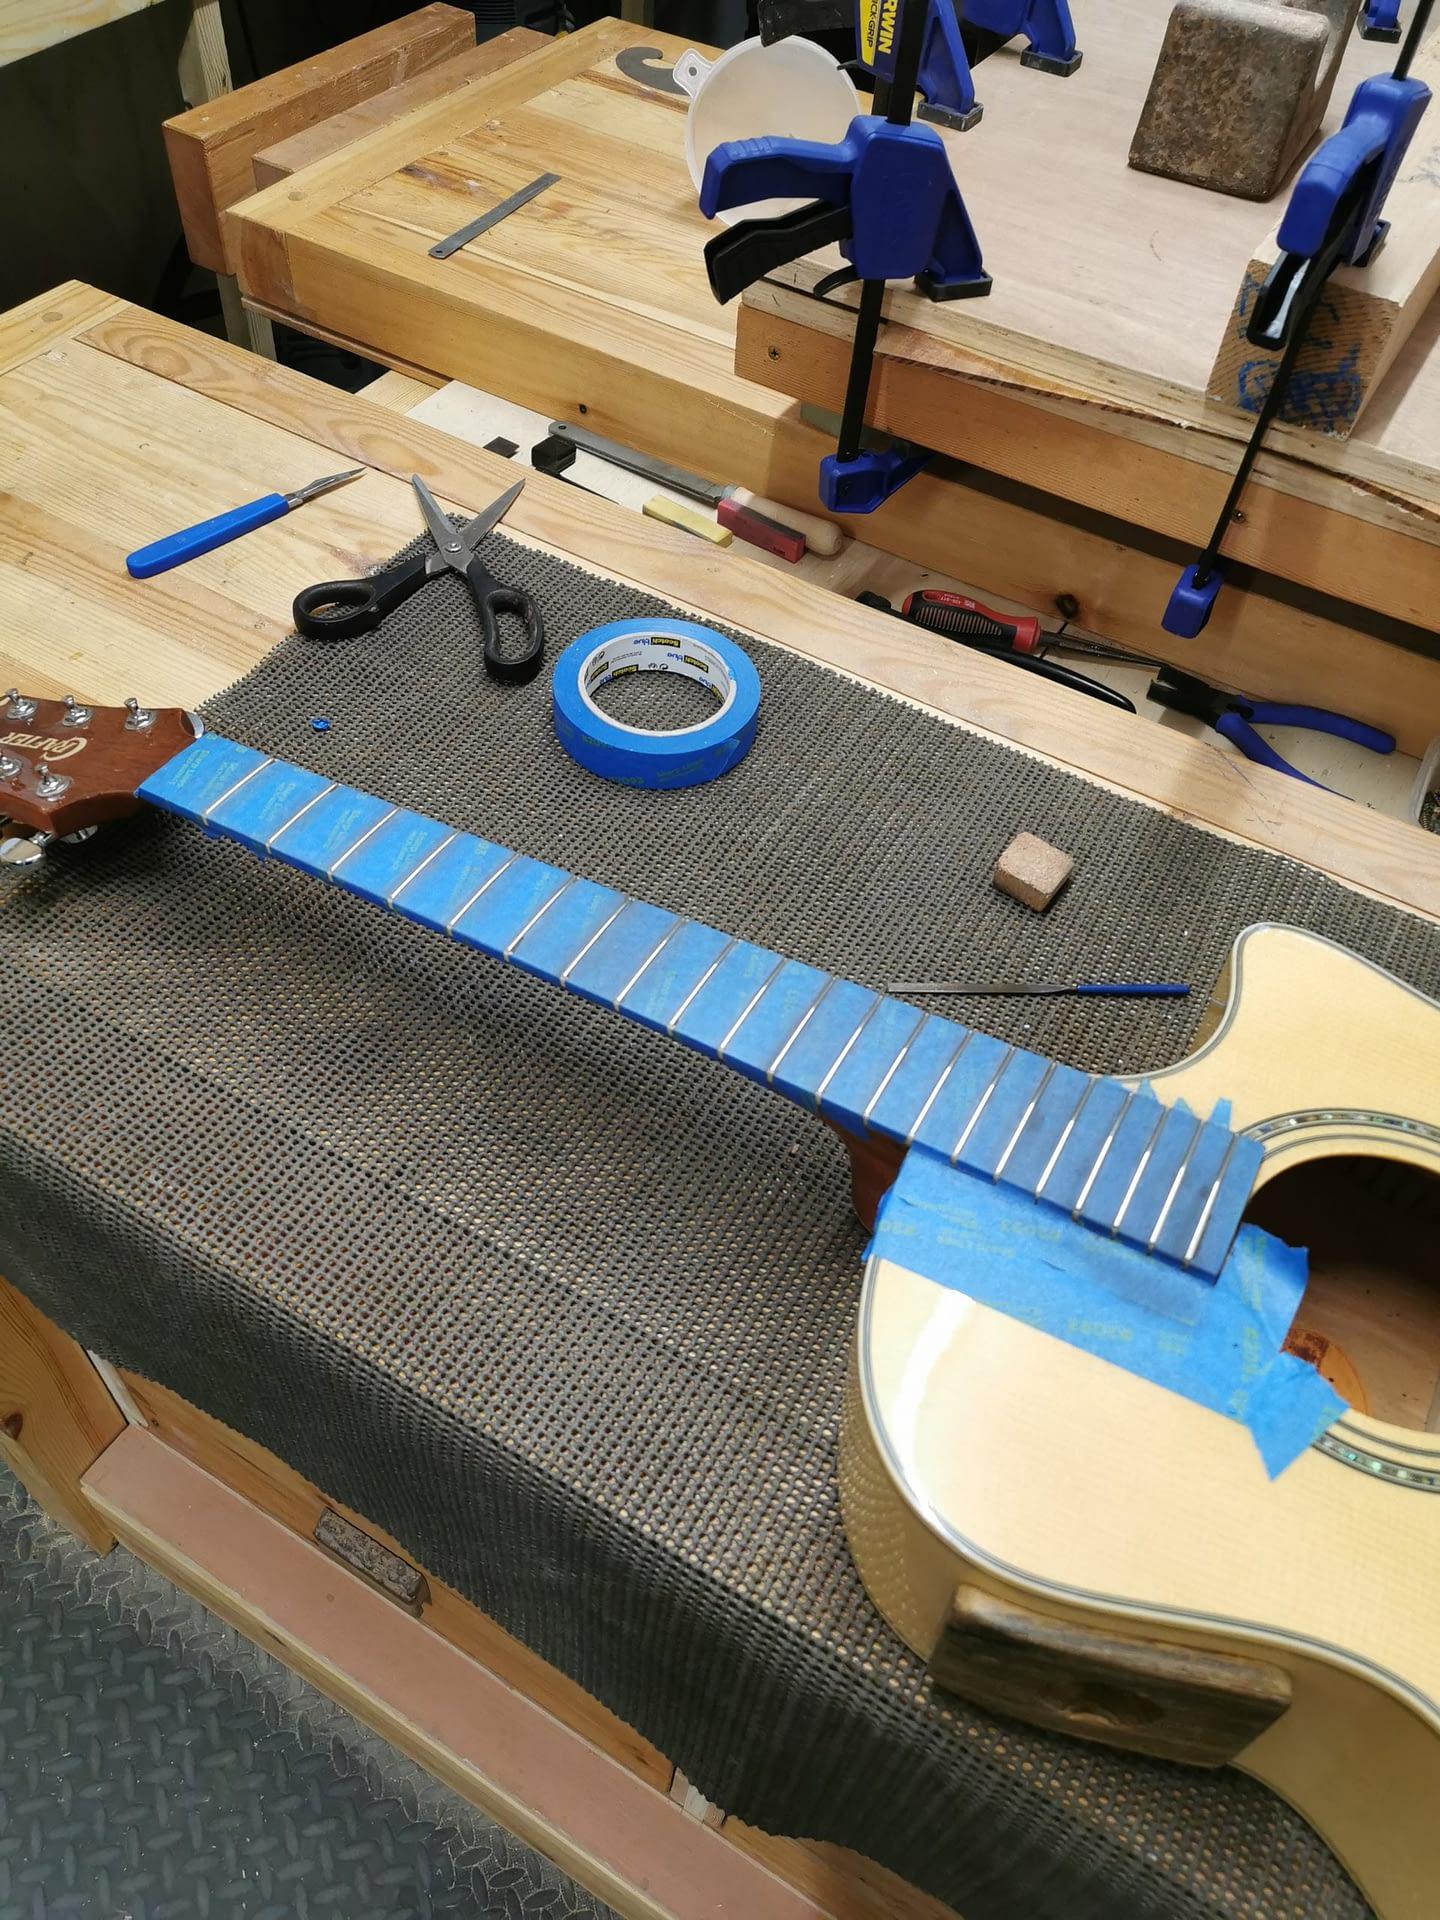 Fret Dress/Leveling guitar repair stroud